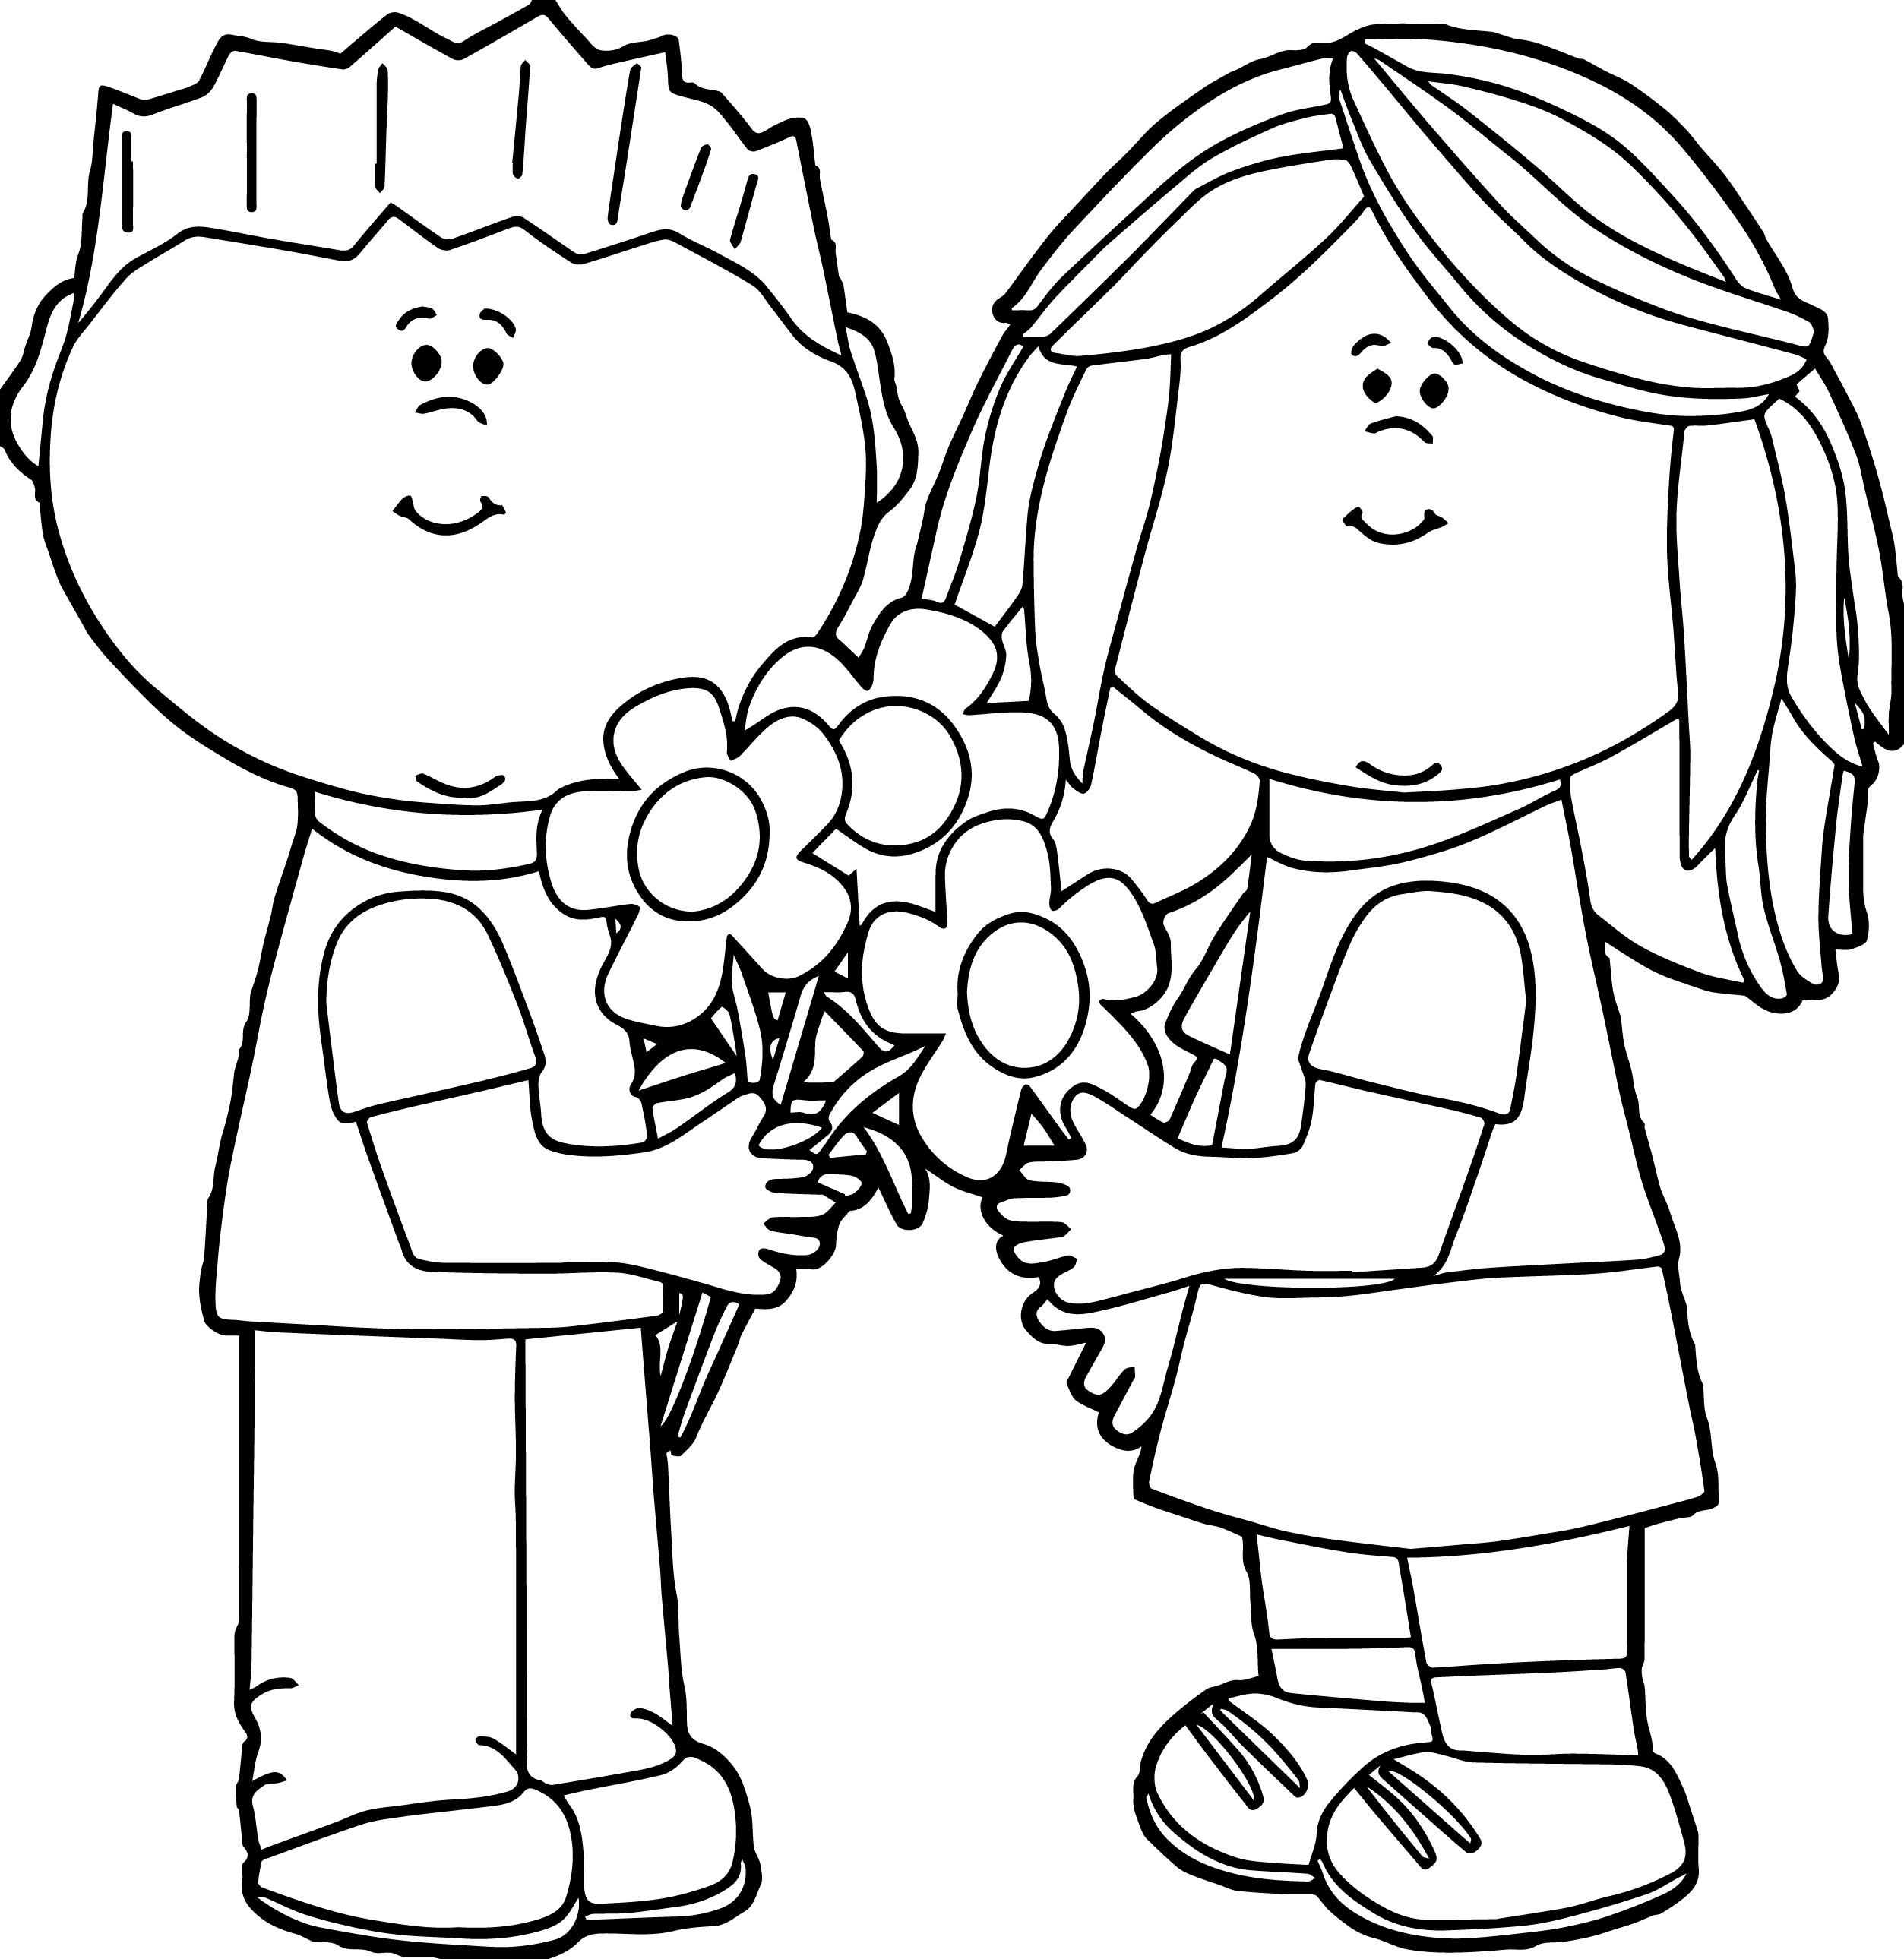 2506x2579 Kids Valentine Clipart Black And White